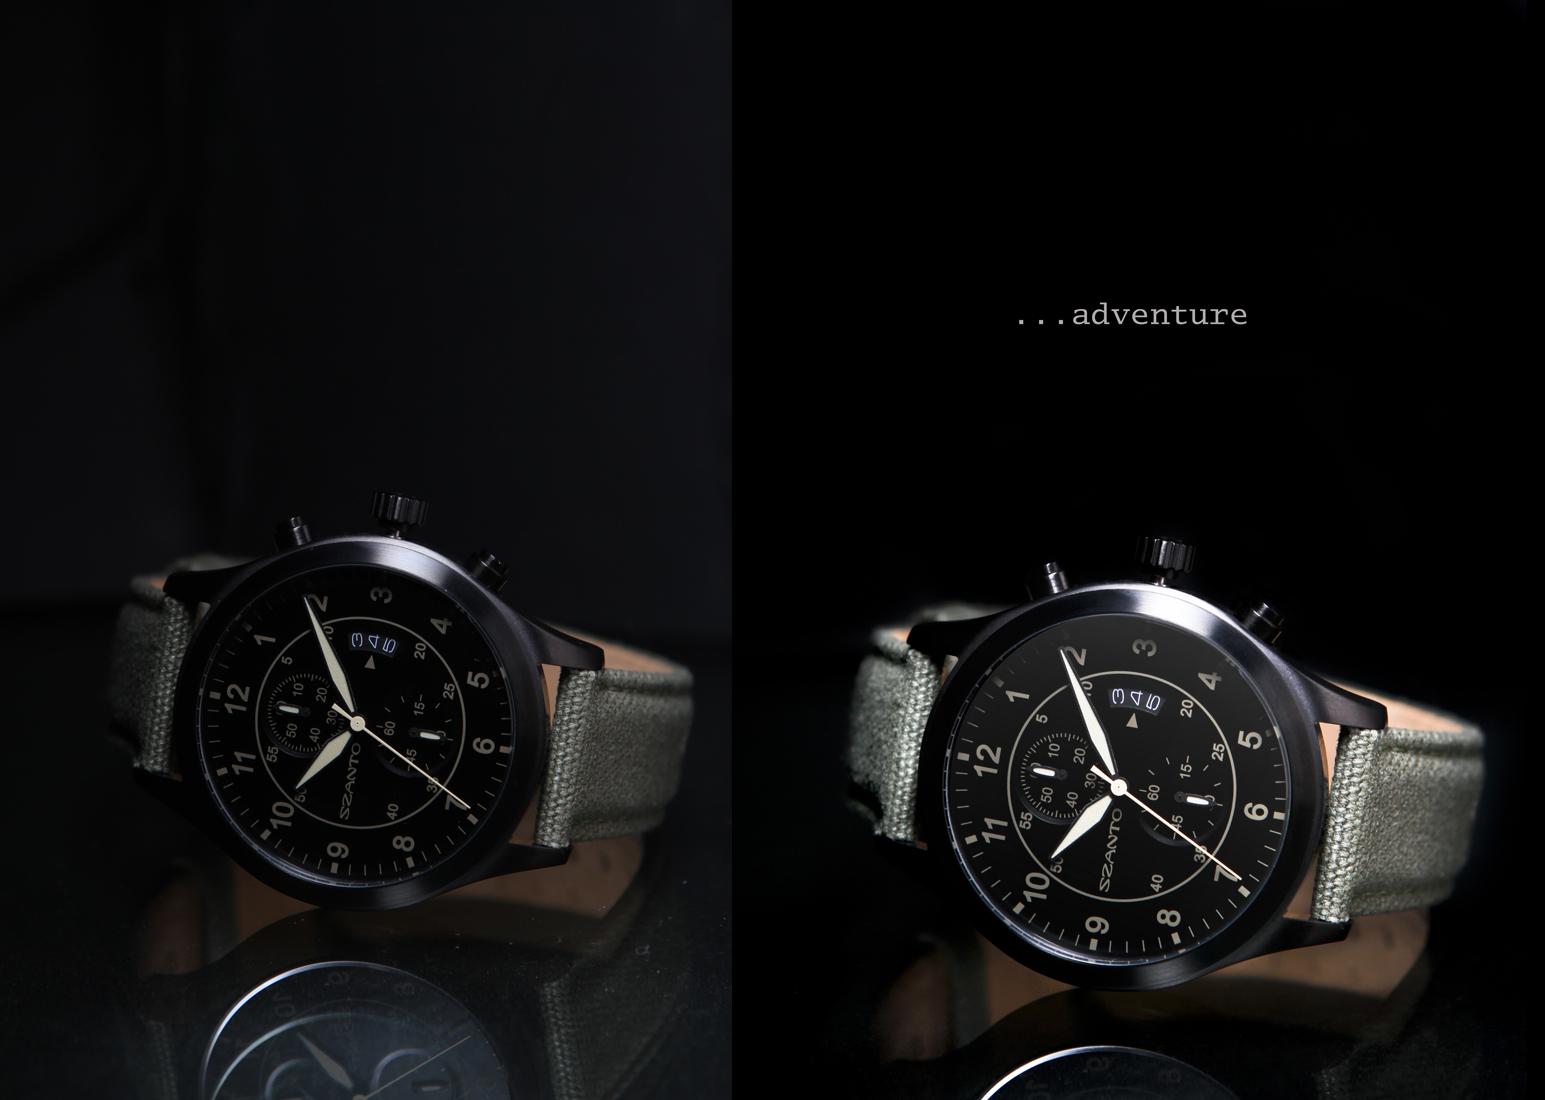 watch-retouch.jpg